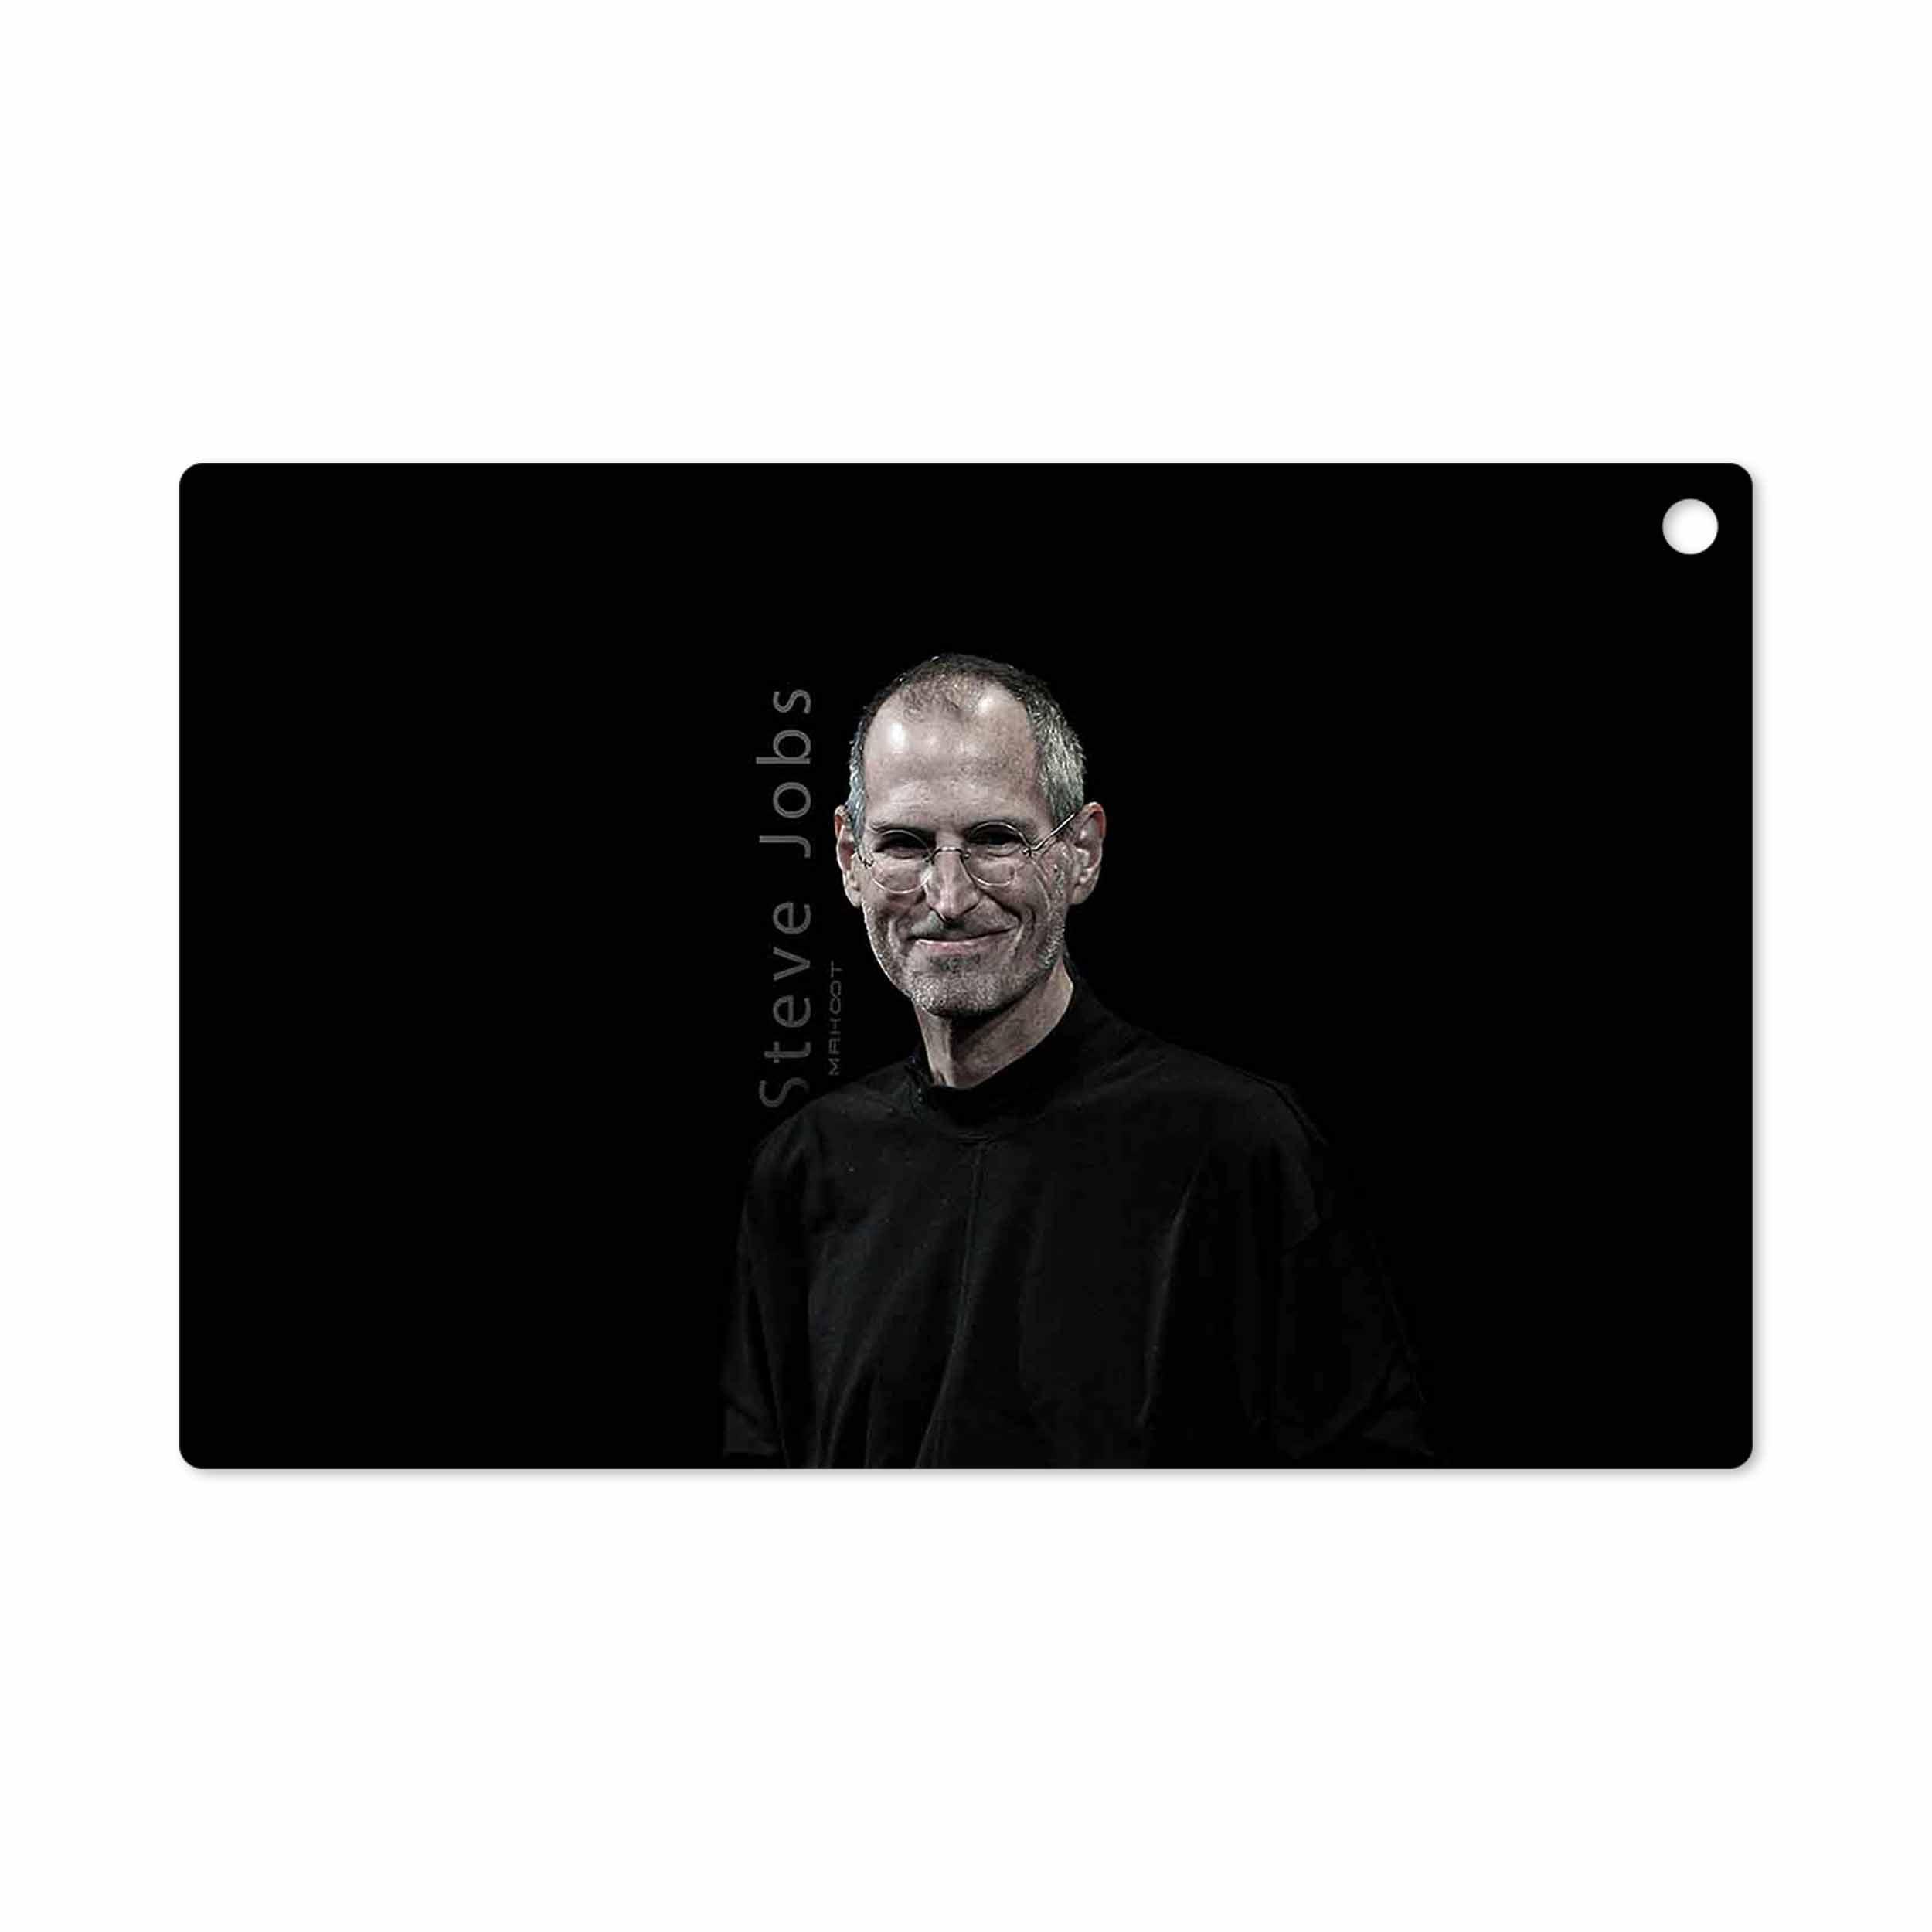 بررسی و خرید [با تخفیف]                                     برچسب پوششی ماهوت مدل Steve Jobs مناسب برای تبلت سونی Xperia Z2 Tablet LTE 2014                             اورجینال